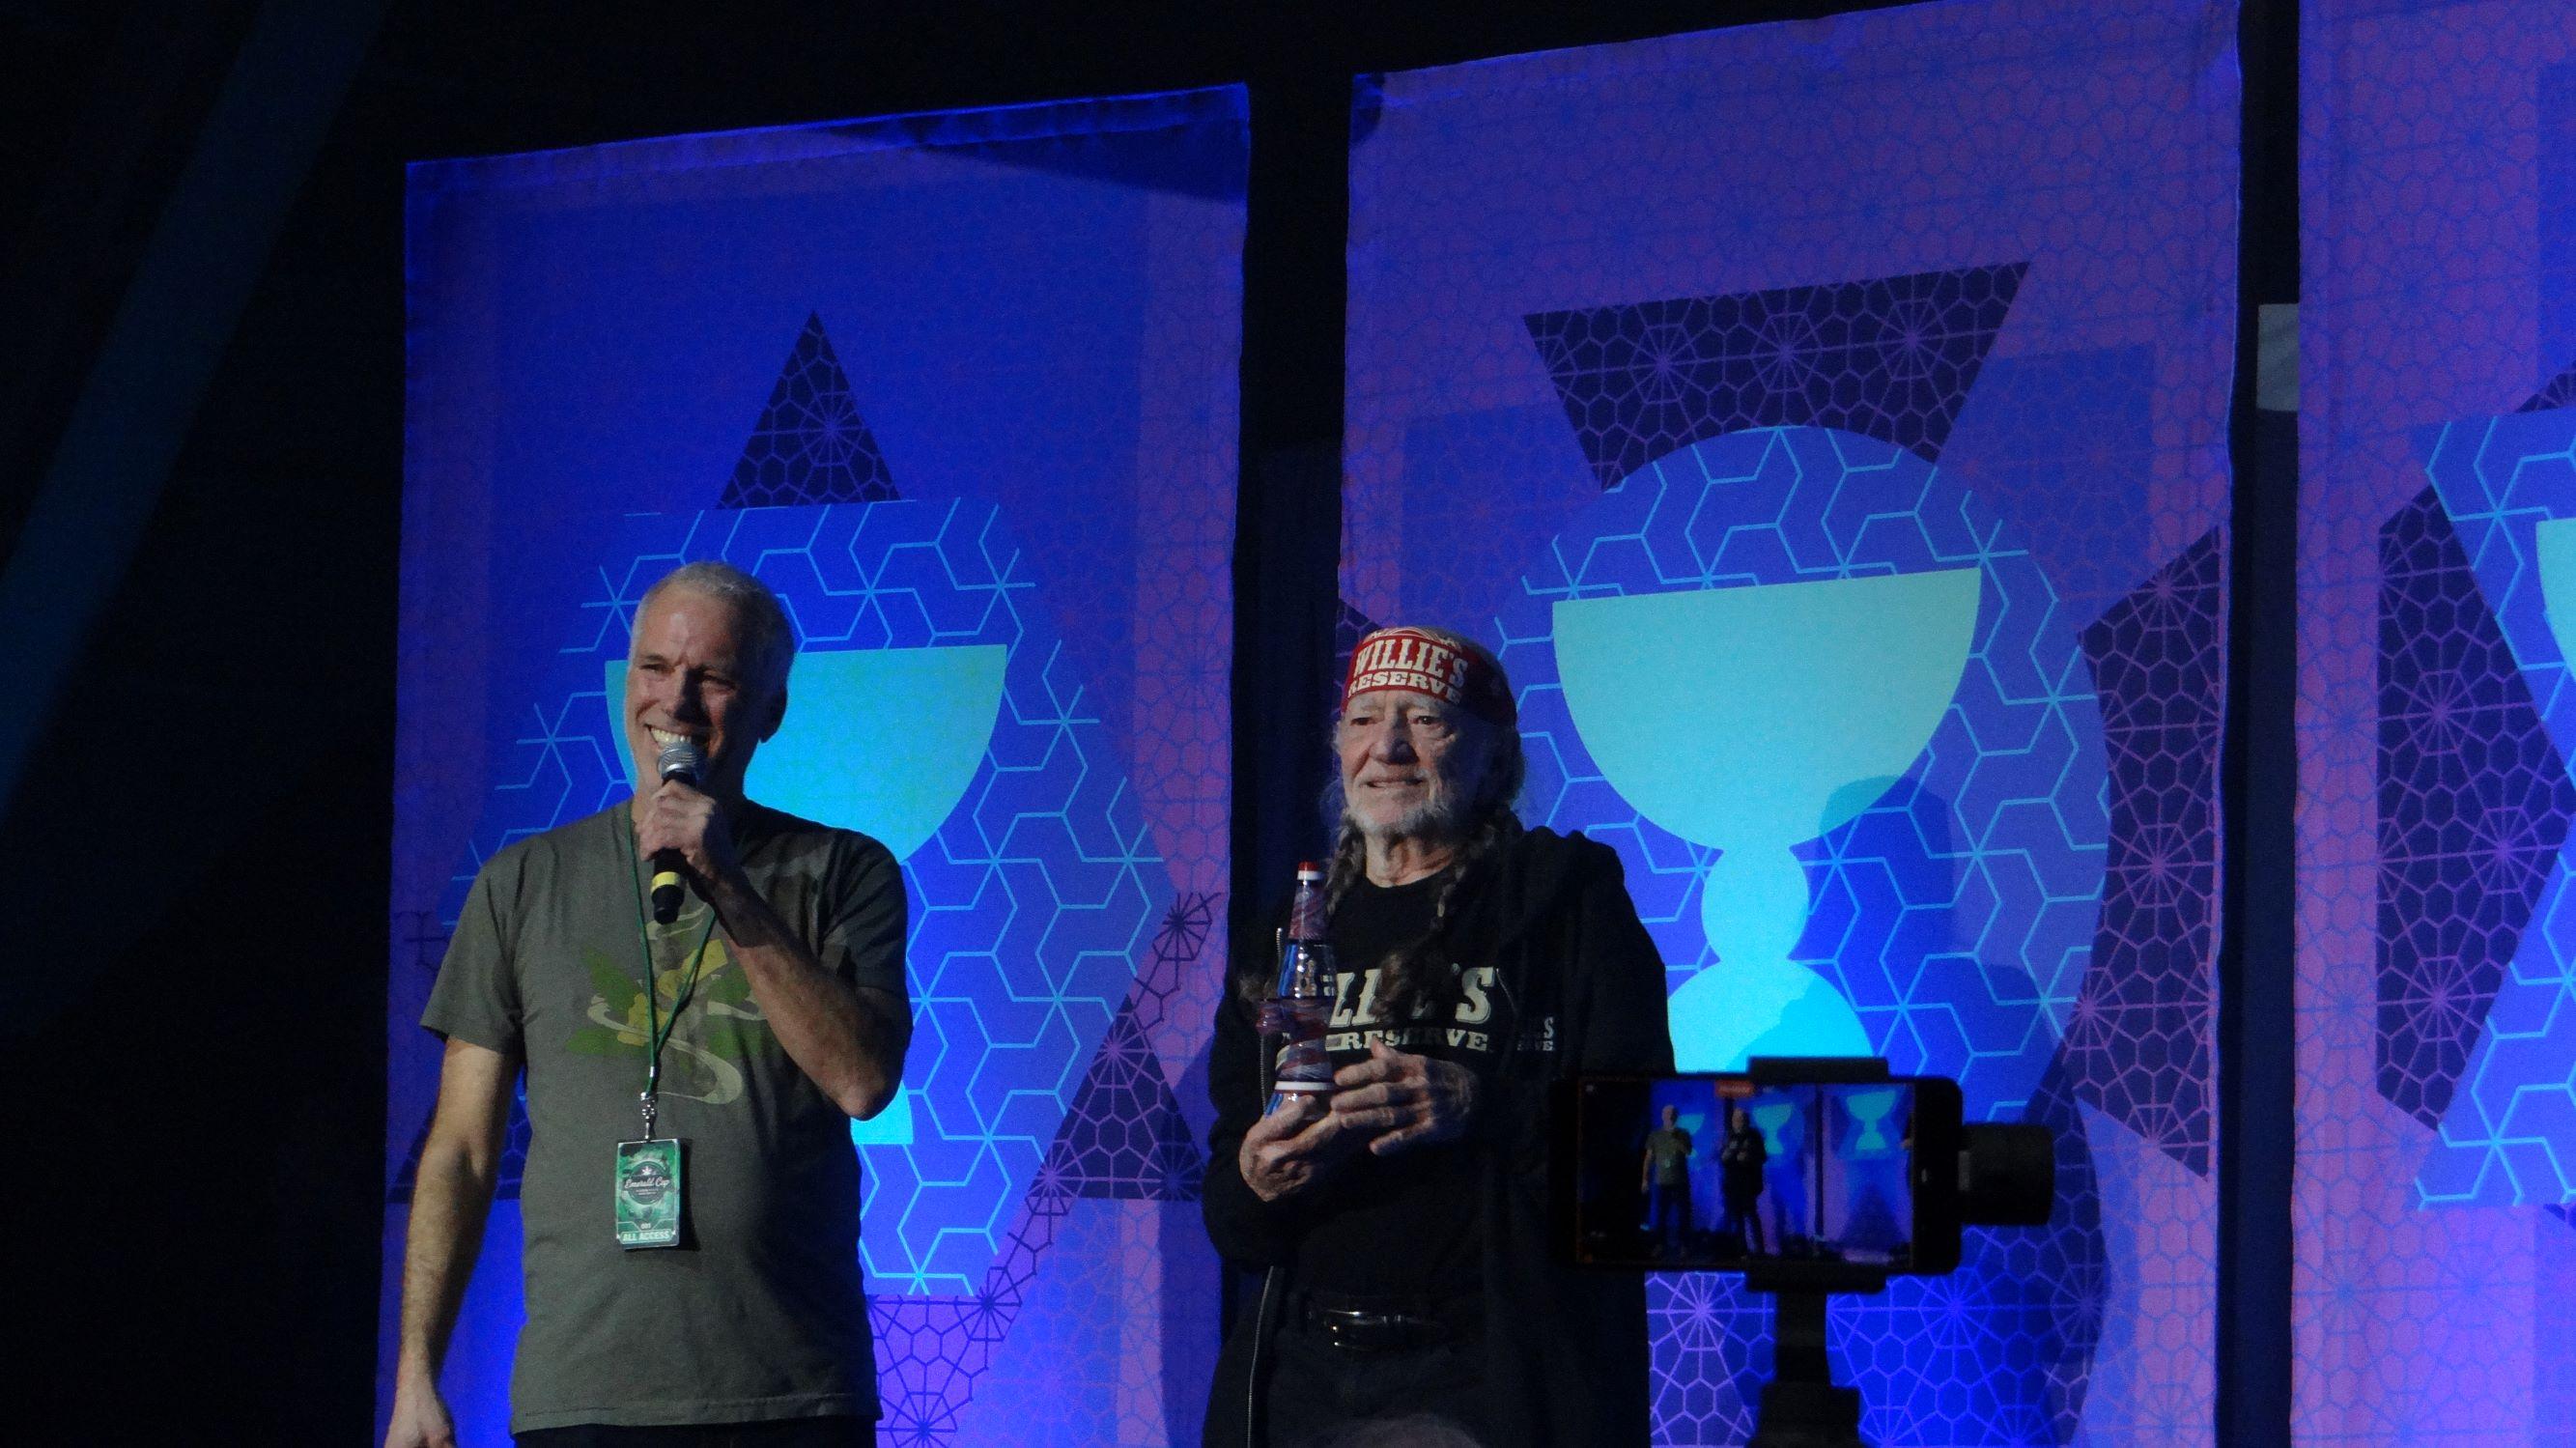 Tim Blake & Willie Nelson